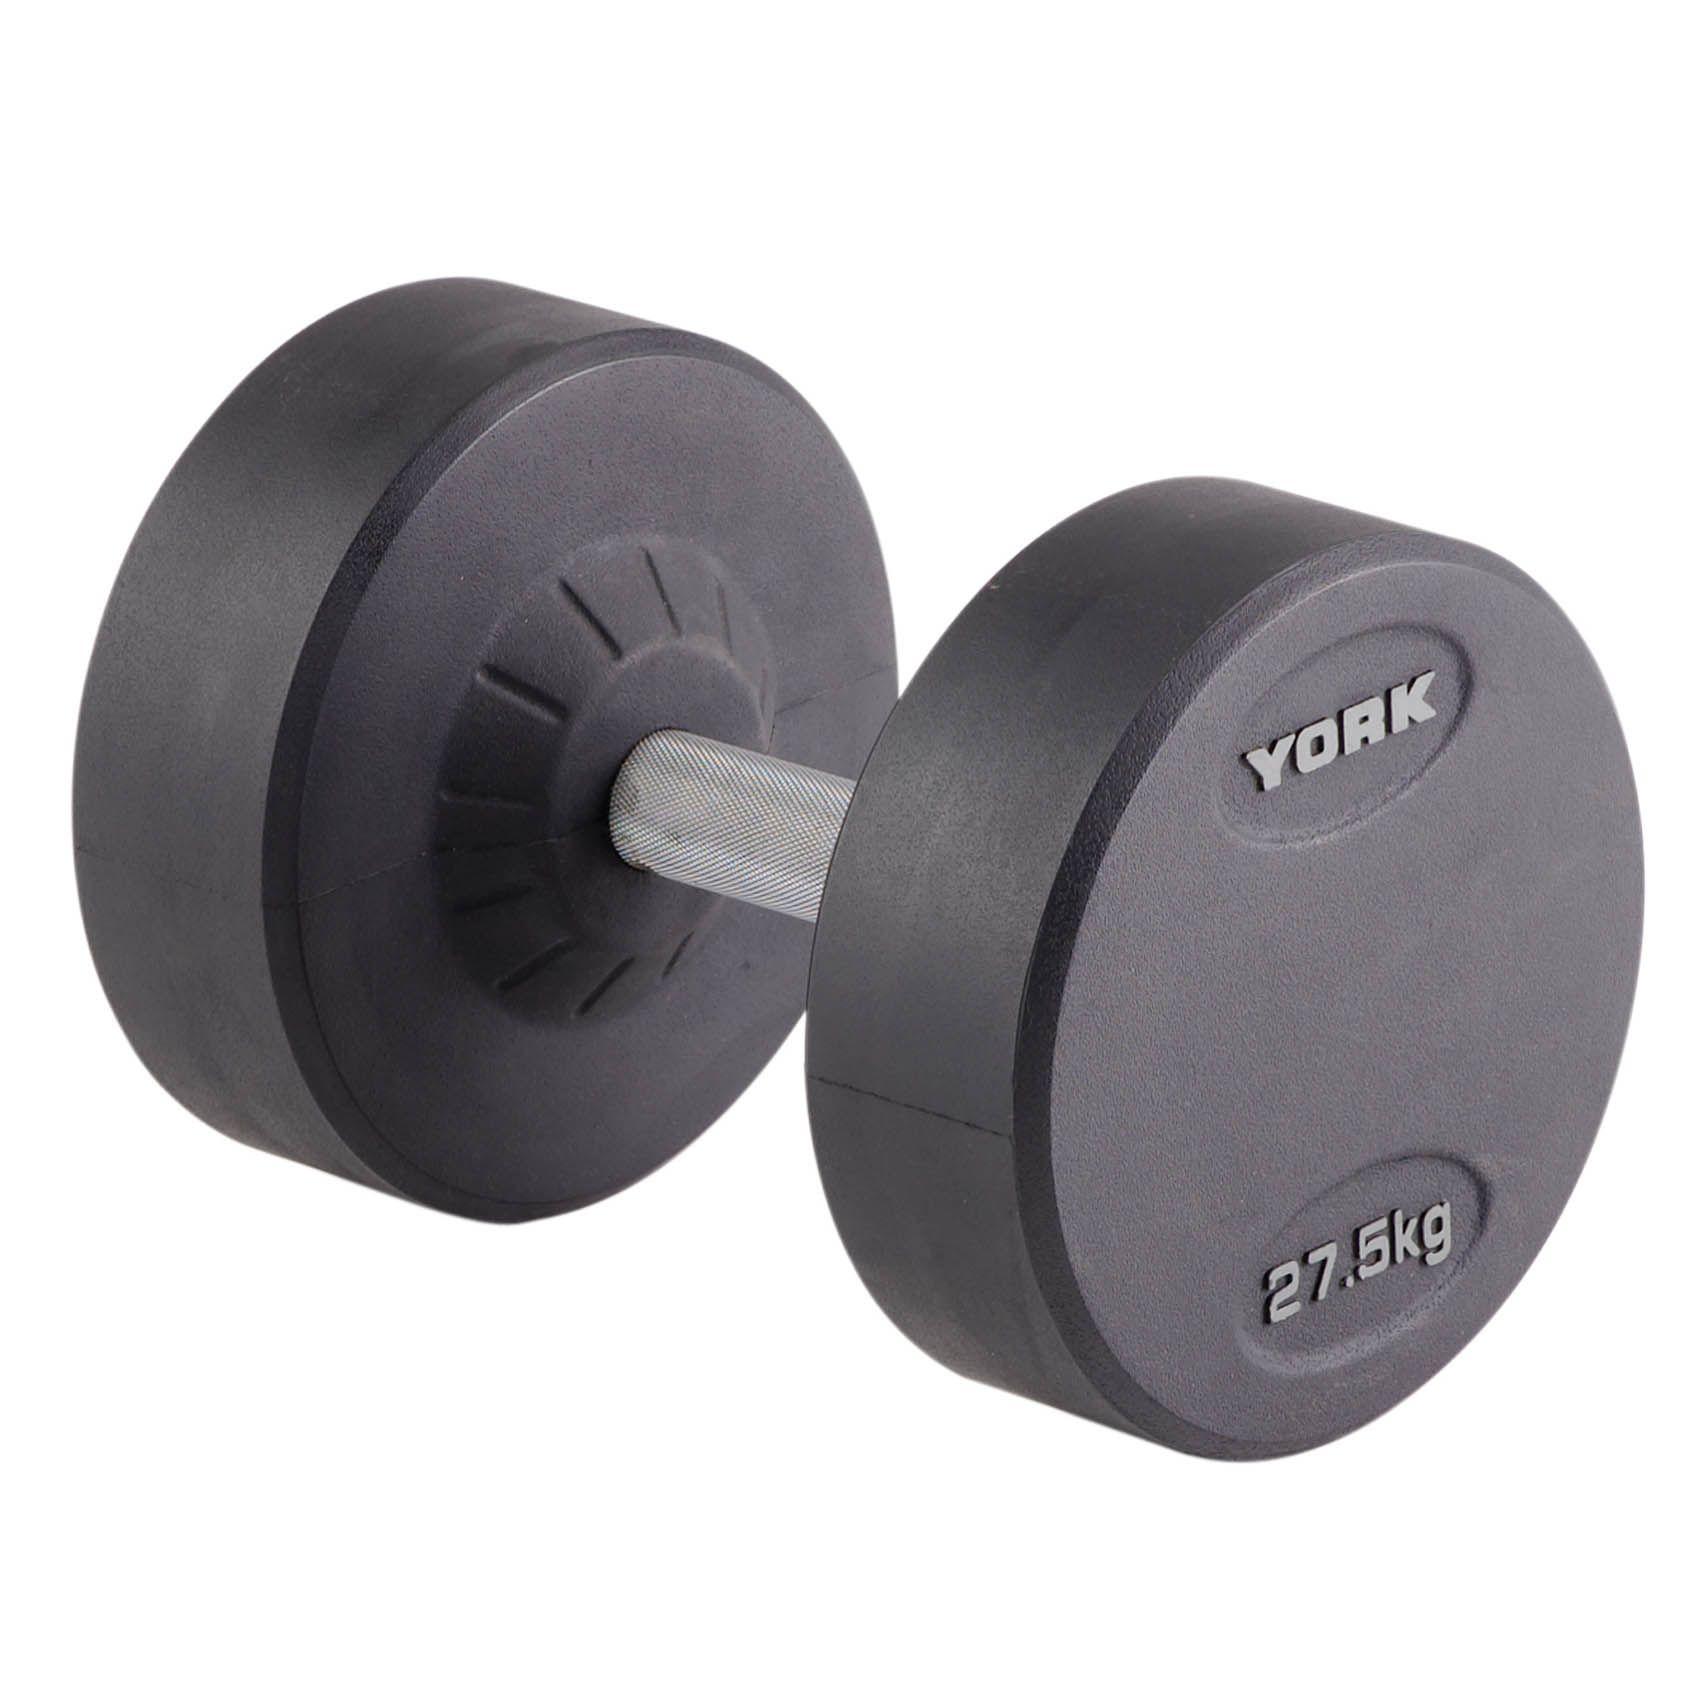 York 27.5kg Pro-Style Dumbbell